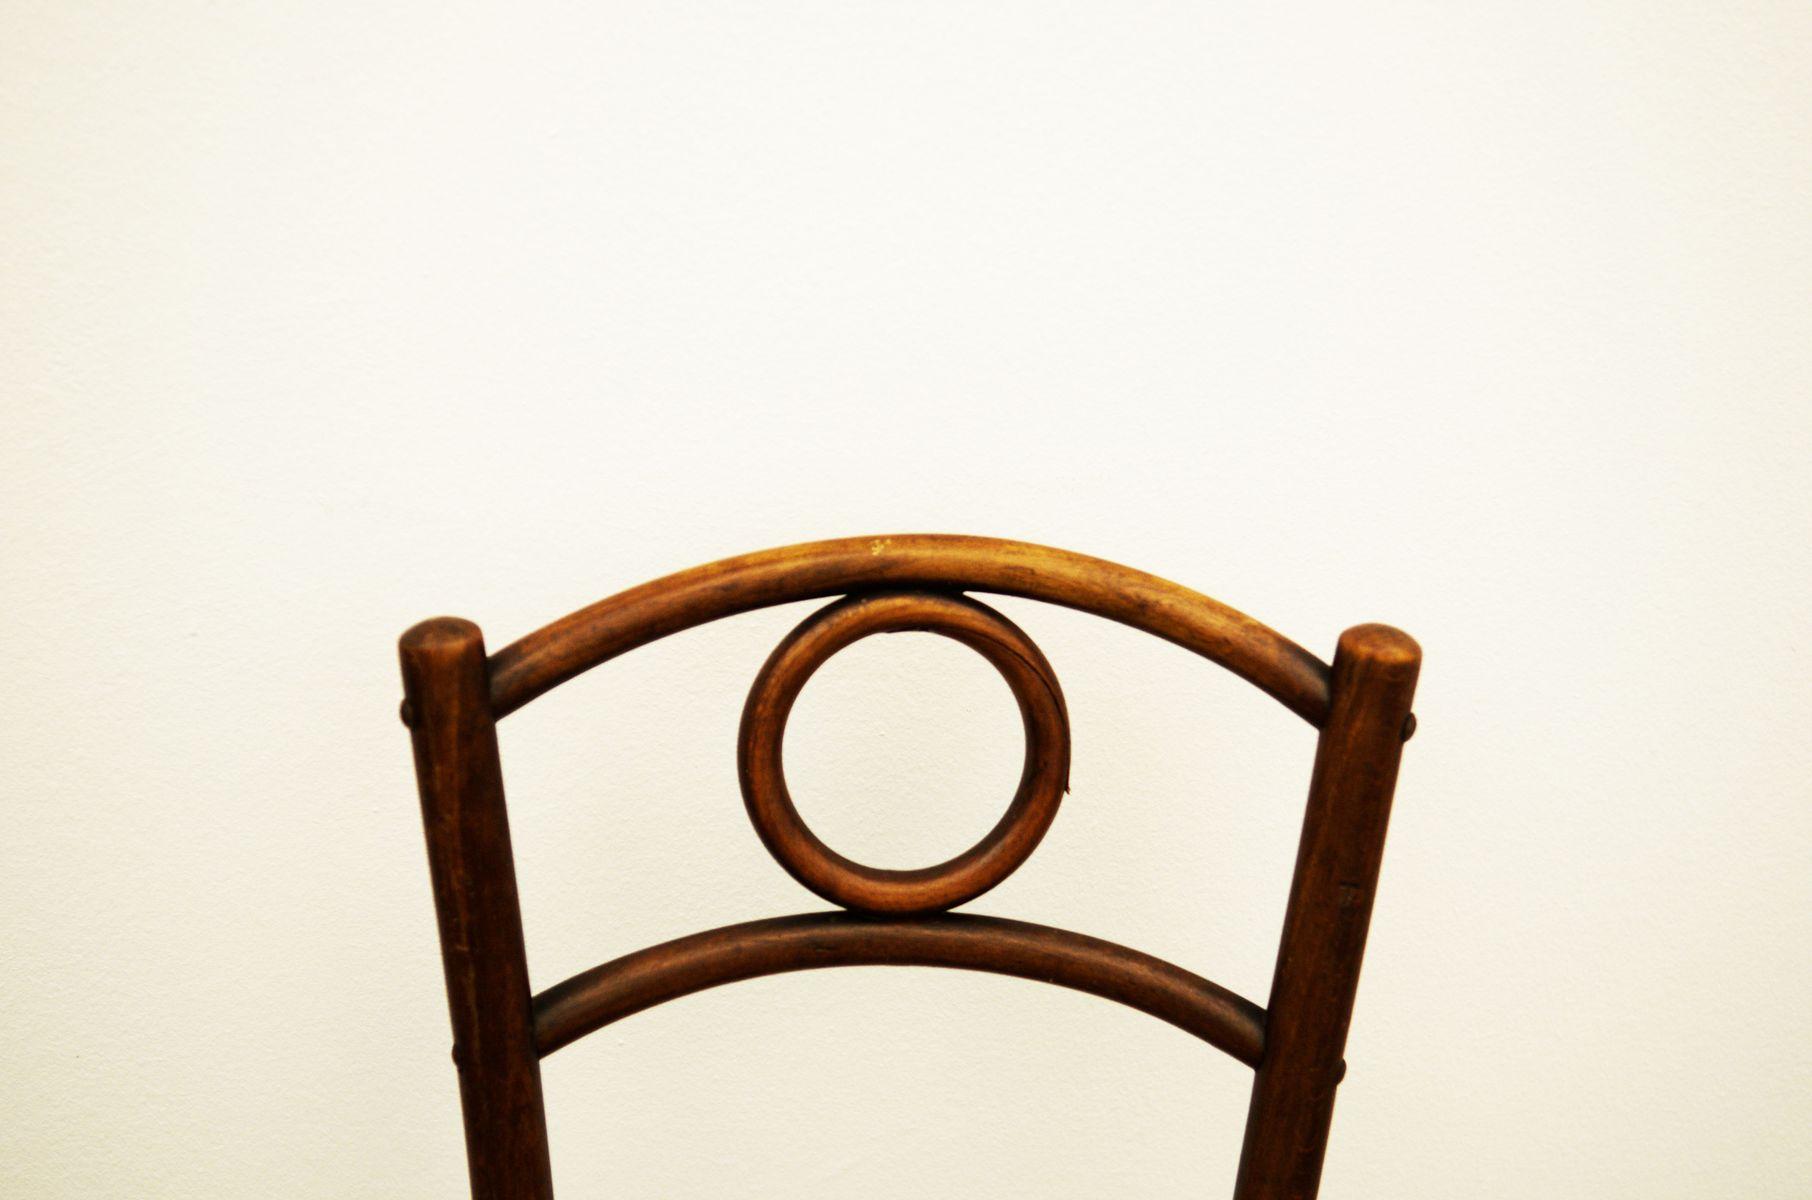 chaise d 39 appoint en bois courb autriche en vente sur pamono. Black Bedroom Furniture Sets. Home Design Ideas